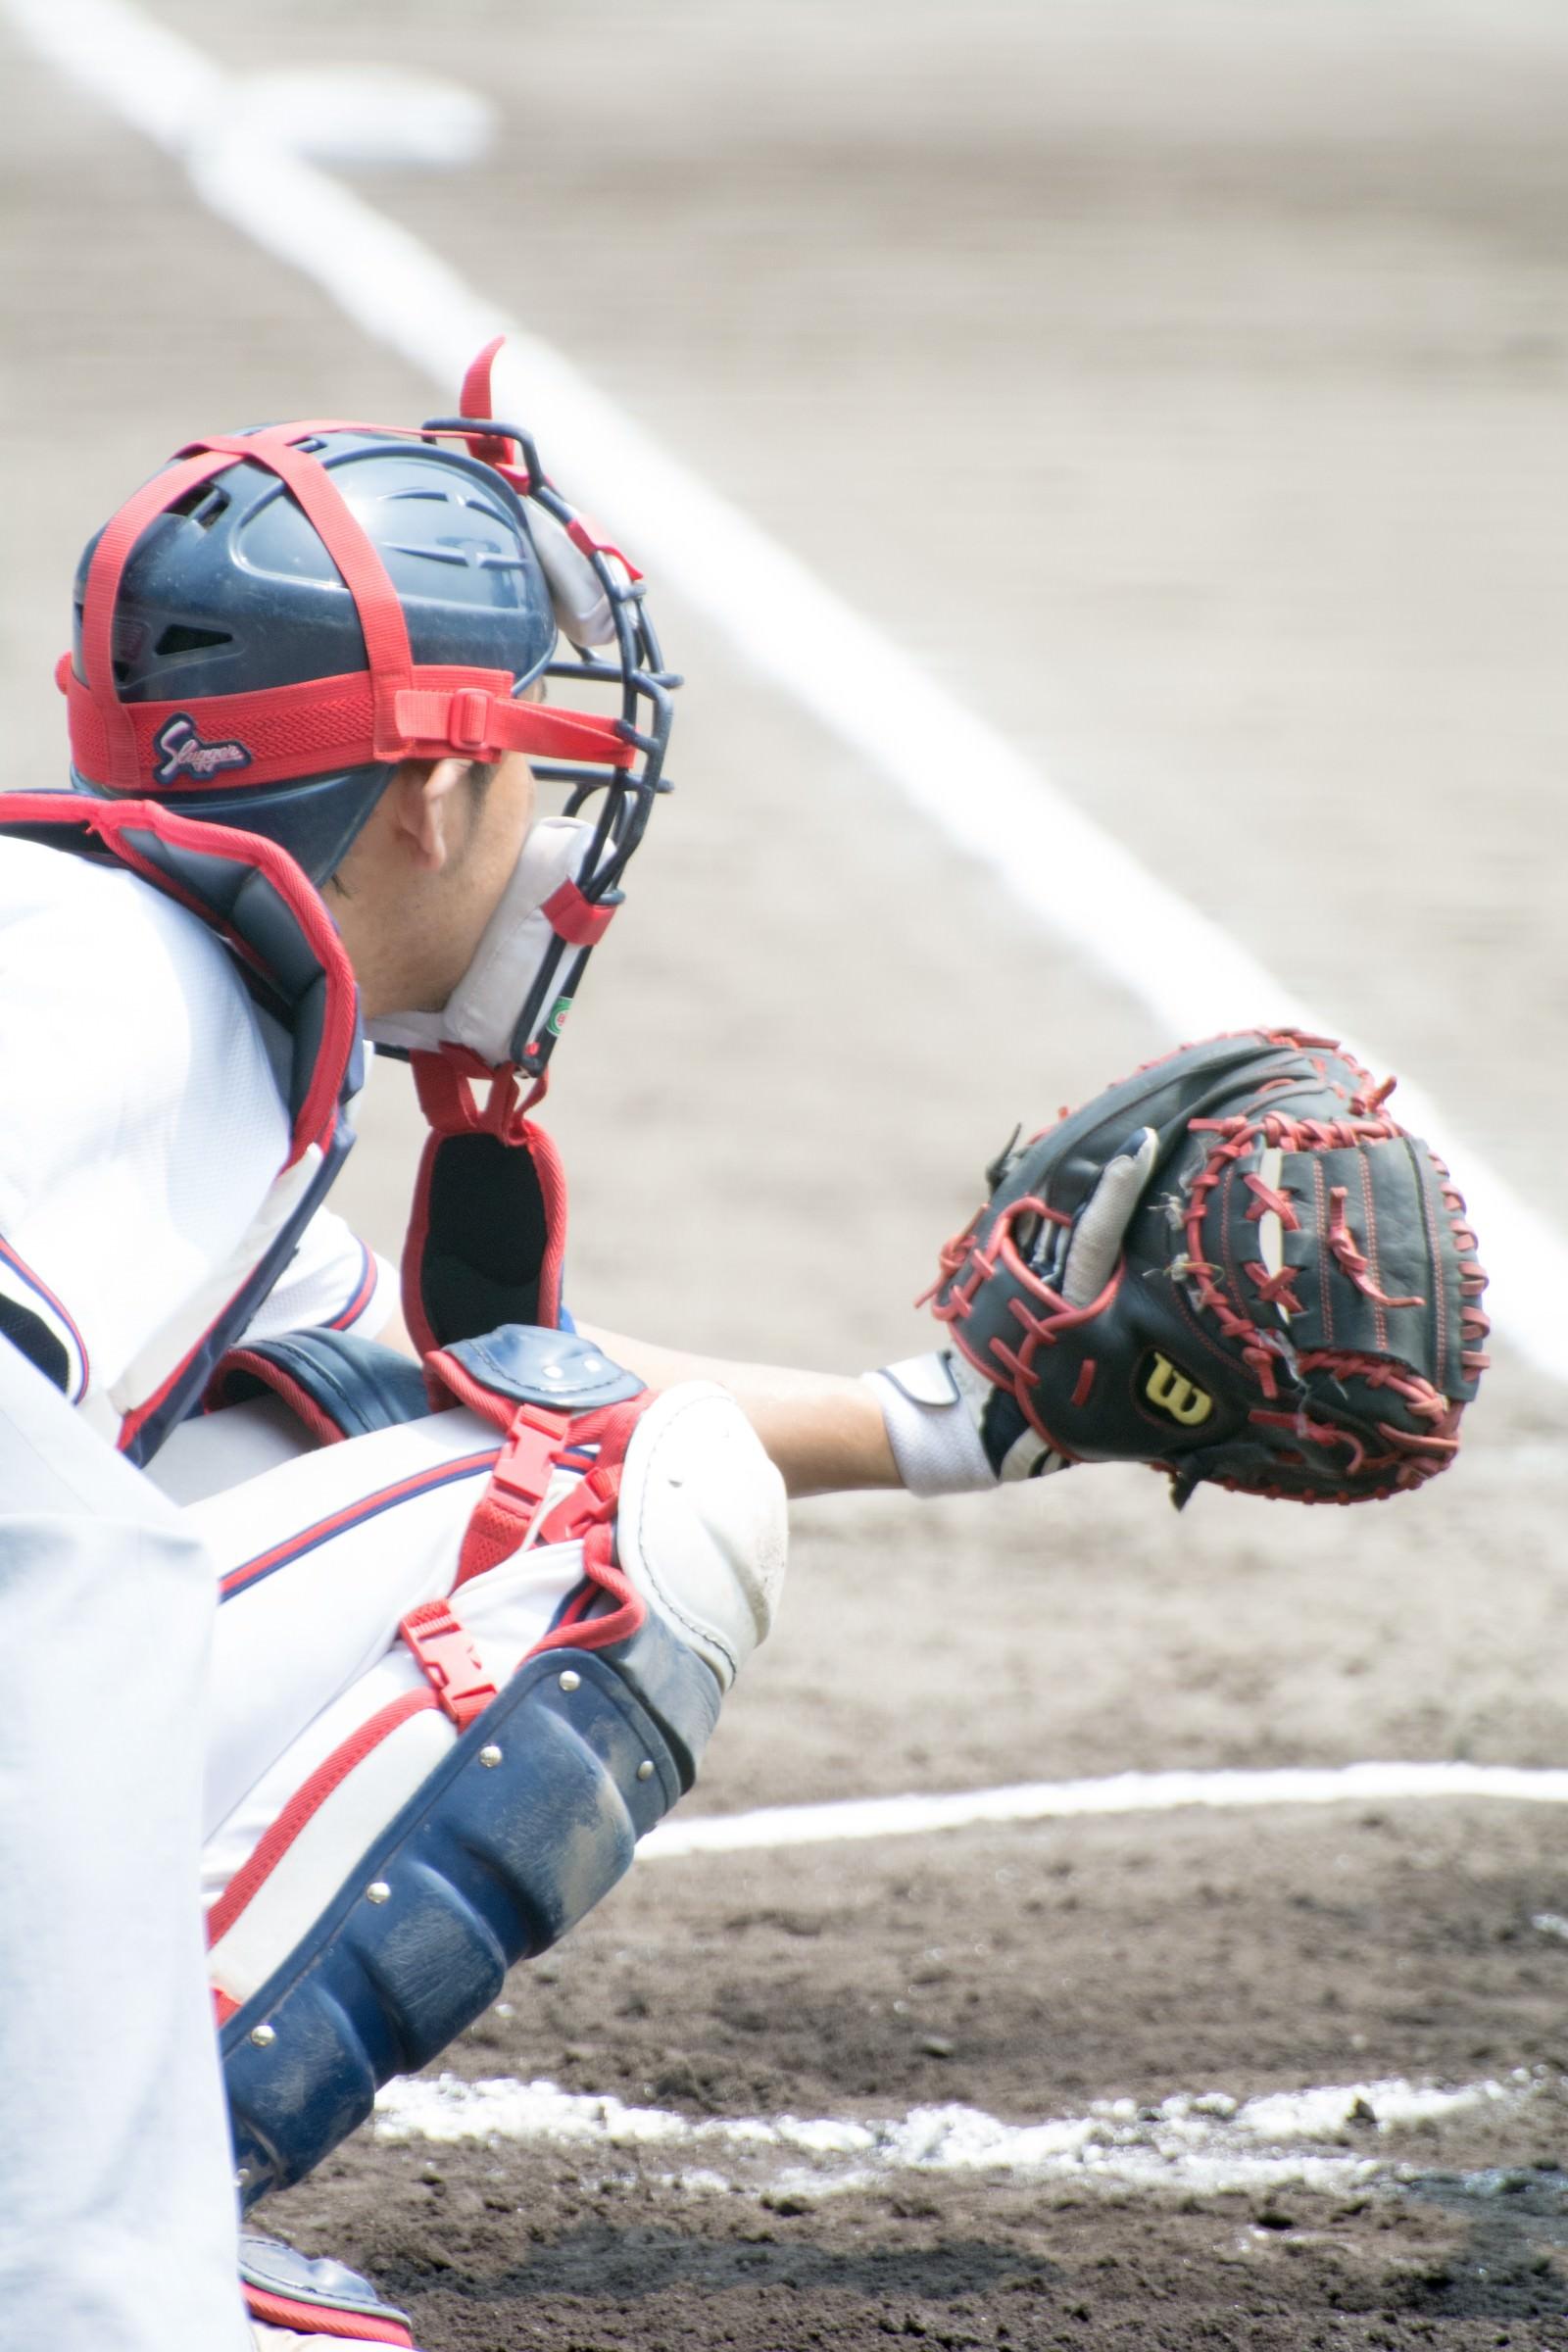 ミットを構えるキャッチャー 野球 無料の写真素材はフリー素材の